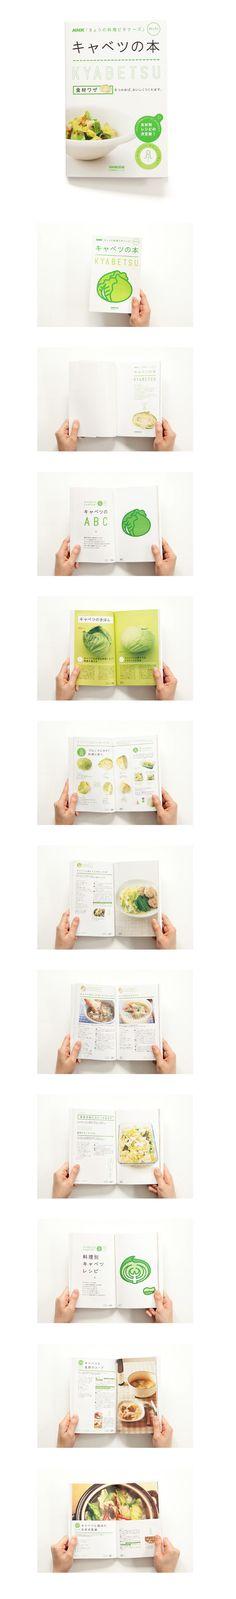 NHK「きょうの料理ビギナーズ」mini キャベツの本 |